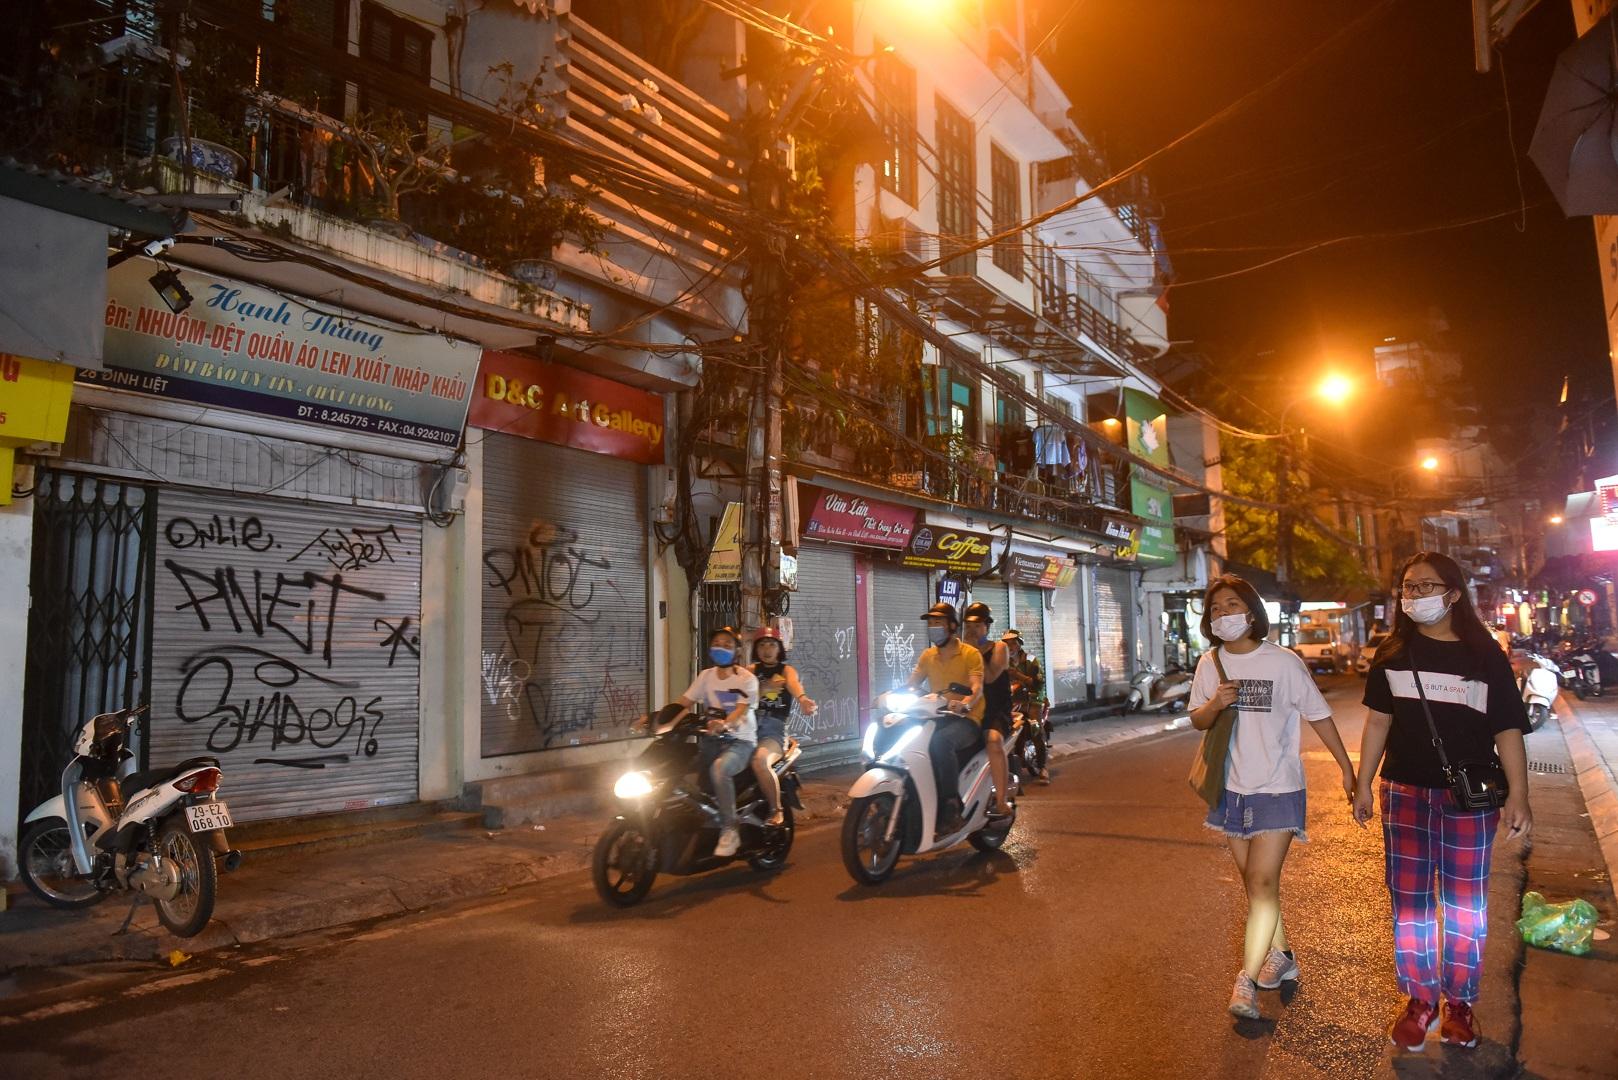 Hàng quán phố cổ thi nhau sang nhượng, đến Tạ Hiện cũng chung cảnh đìu hiu - 10